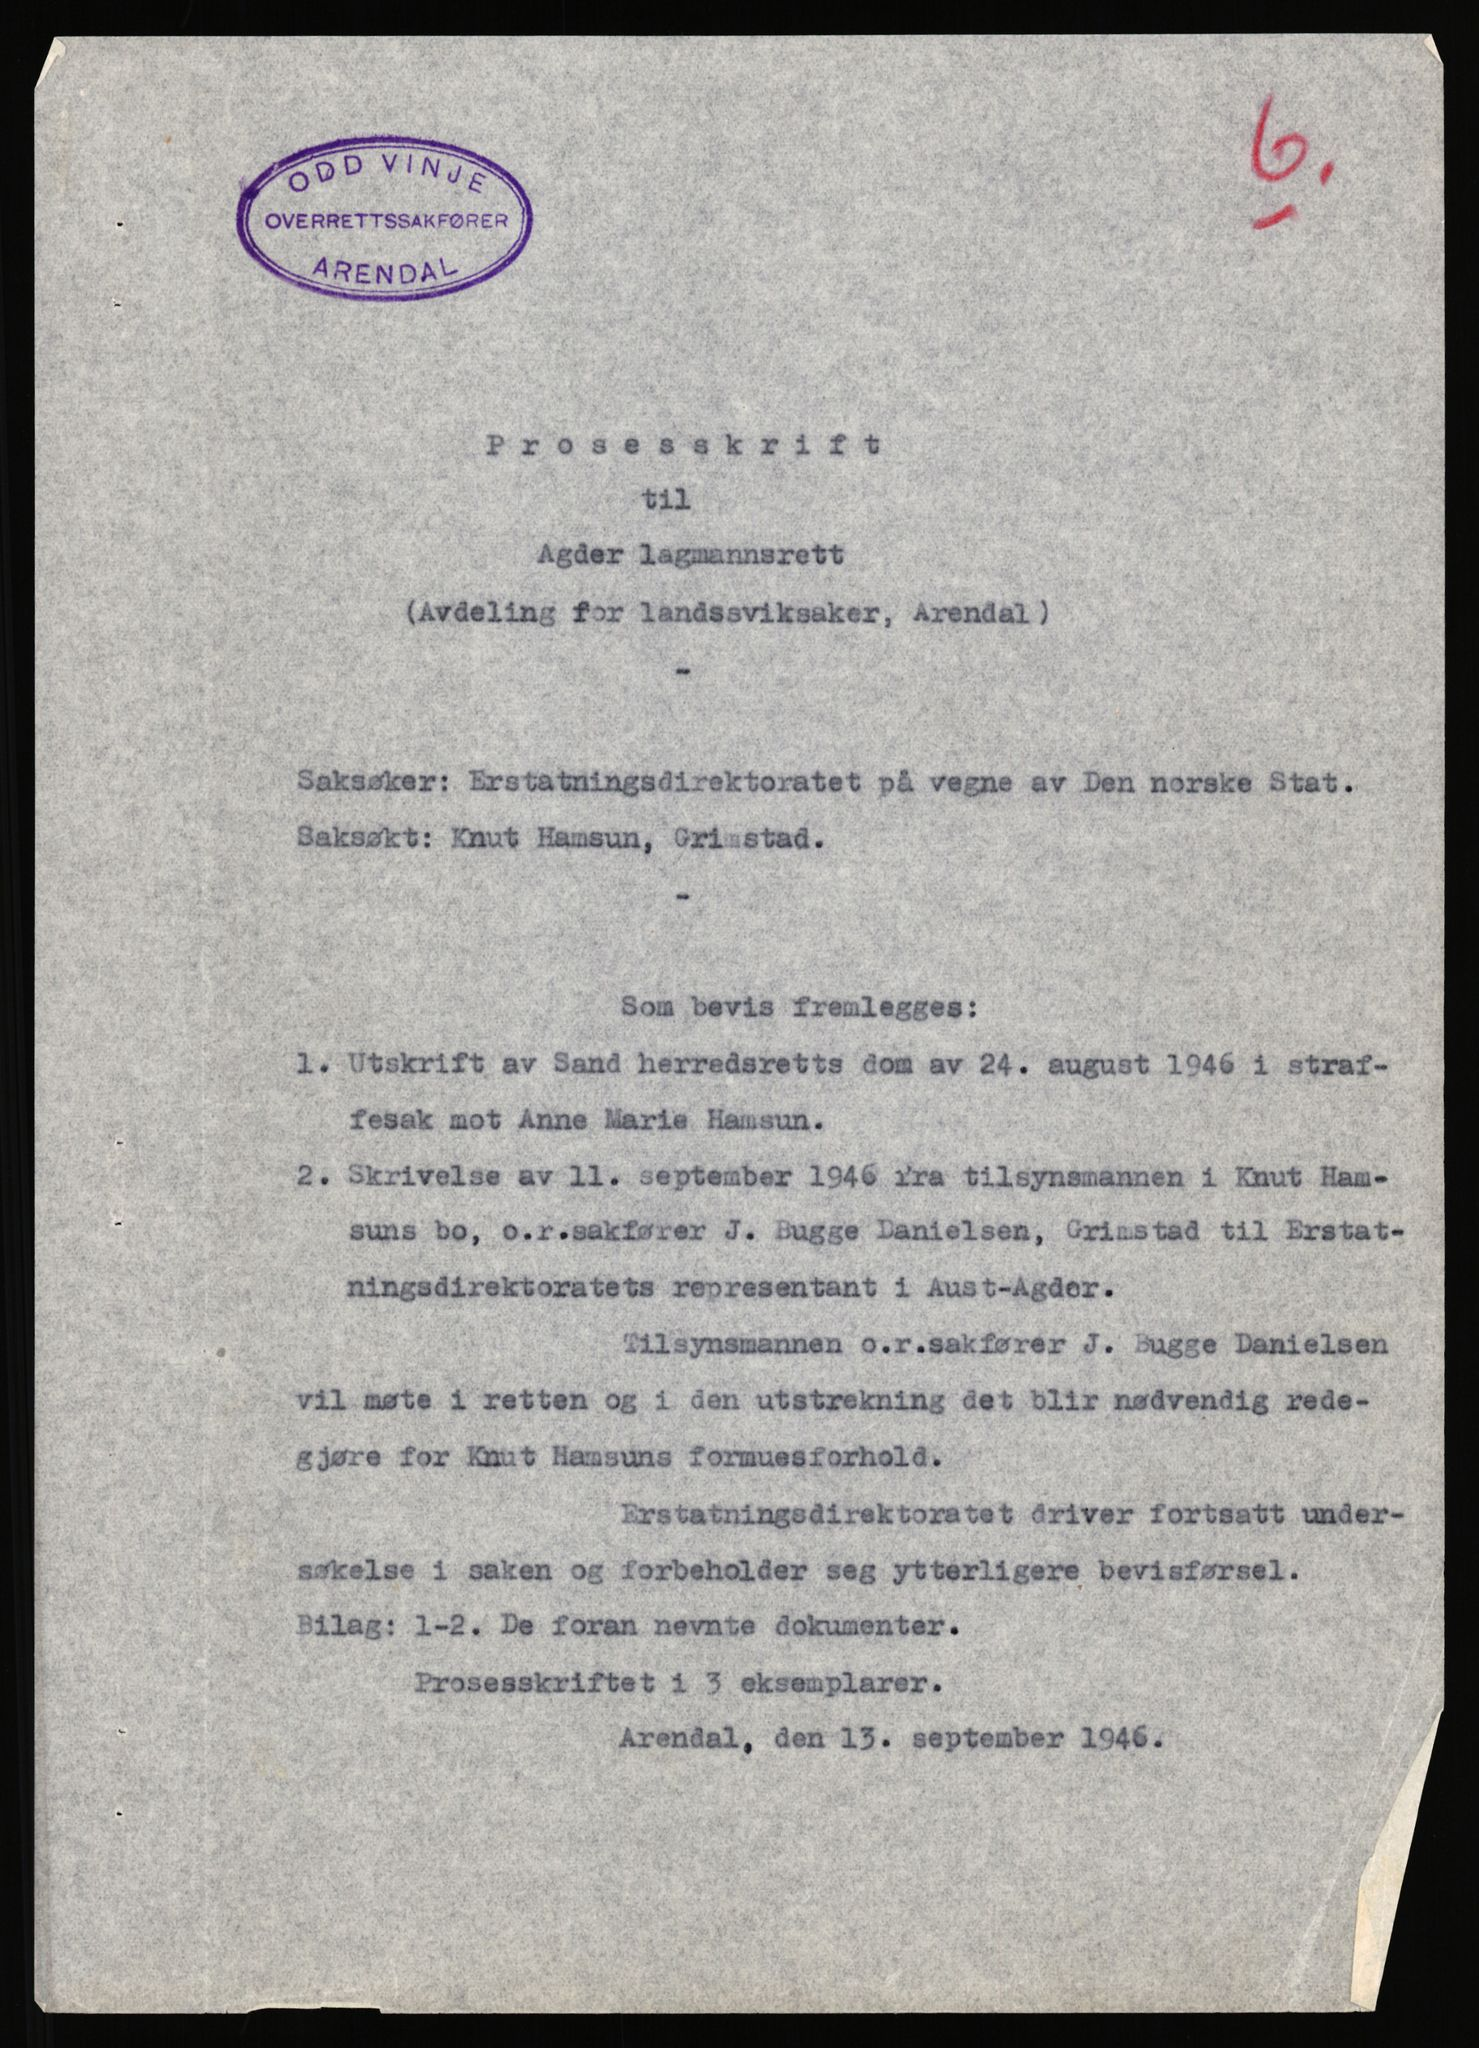 RA, Landssvikarkivet, Arendal politikammer, D/Dc/L0029: Anr. 192/45, 1945-1951, s. 692